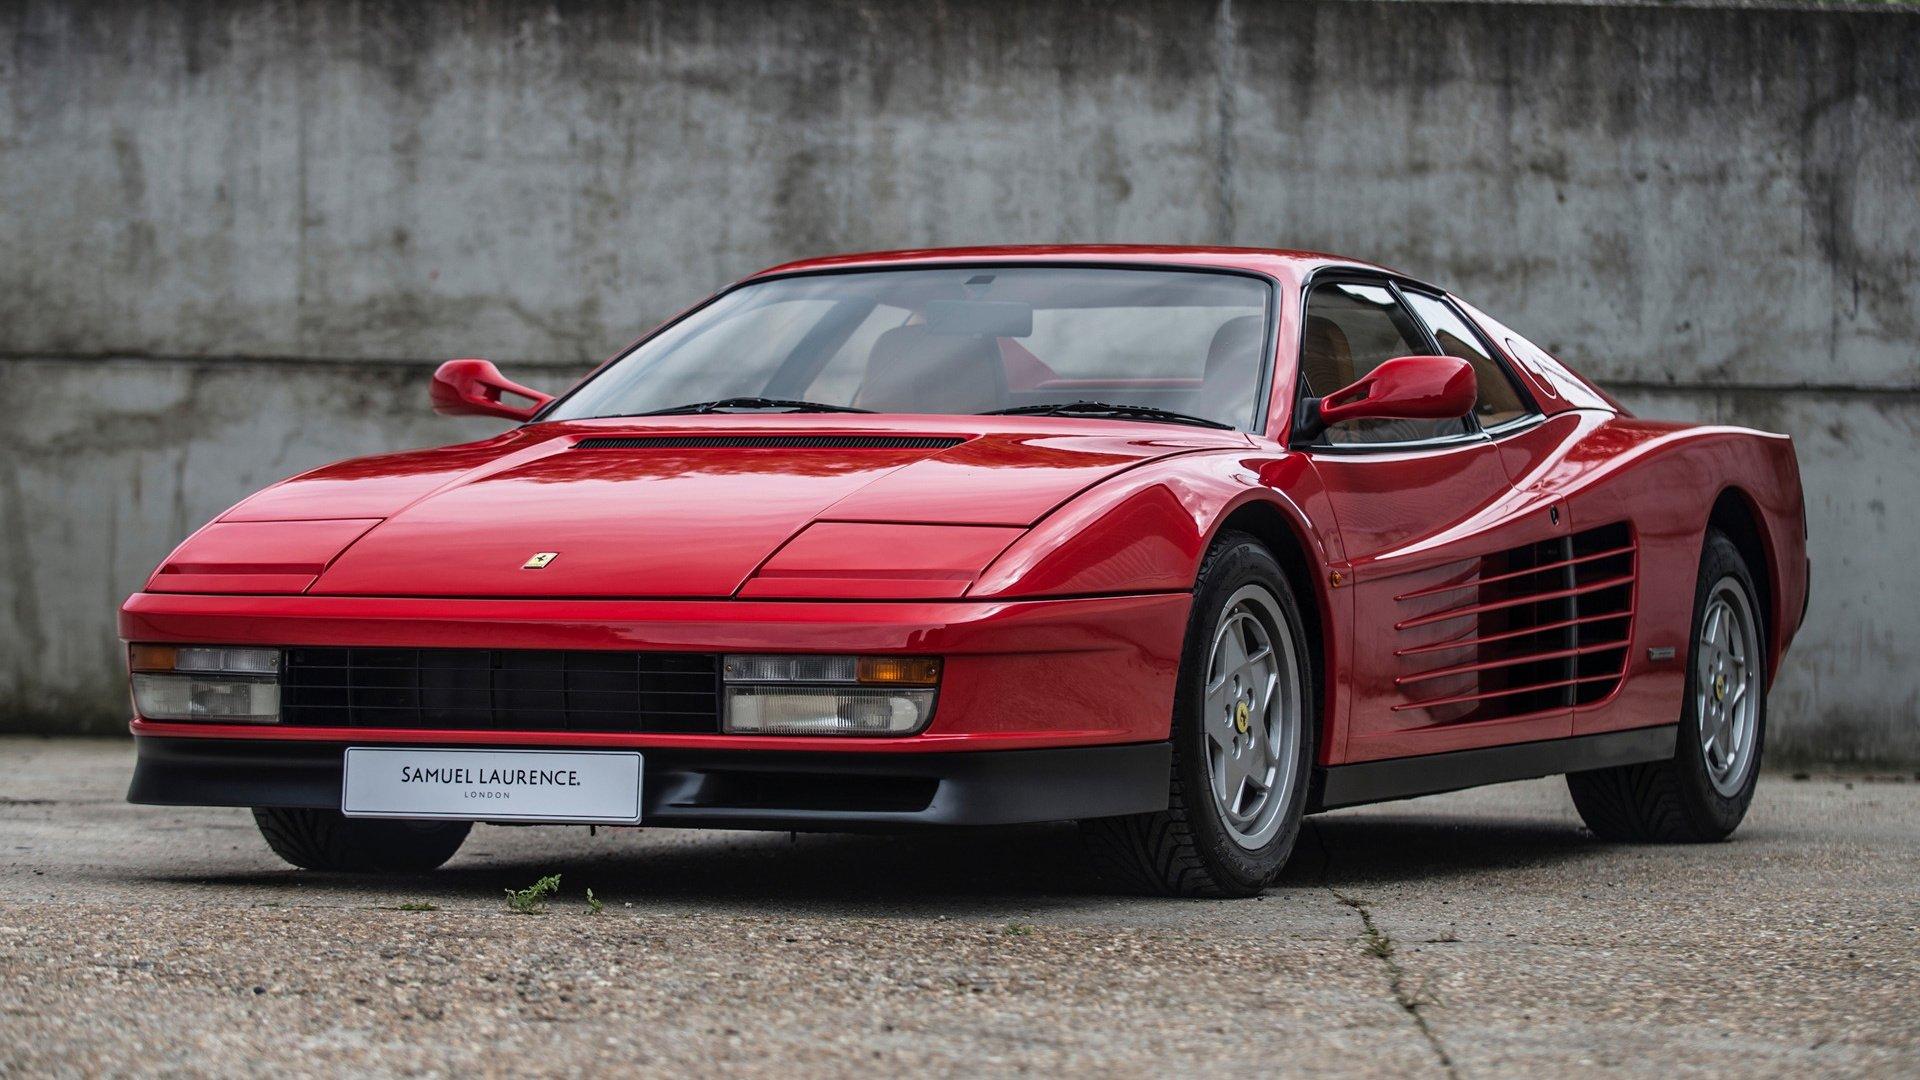 1987 Ferrari Testarossa Hd Wallpaper Hintergrund 1920x1080 Id 1042098 Wallpaper Abyss